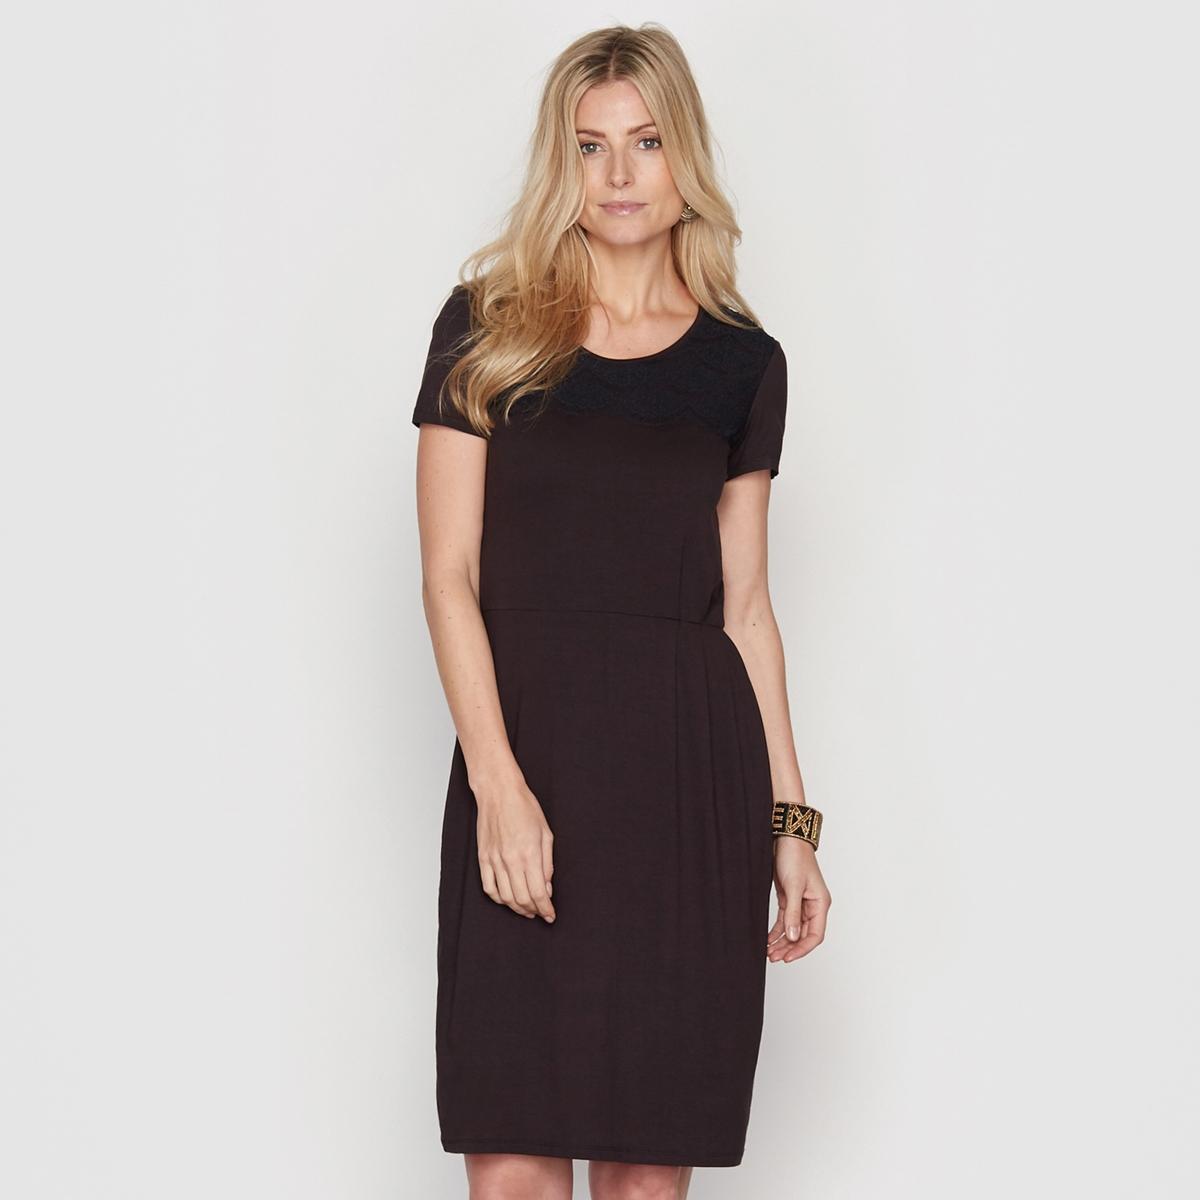 Платье с кружевными вставкамиПлатье. Изысканное, женственное и элегантное. Круглый вырез. Кружевная вставка спереди с фестонами.  Подкладка из полиэстера. Длина. 95 см. Трикотаж джерси, 95% вискозы, 5% эластана.<br><br>Цвет: черный<br>Размер: 50 (FR) - 56 (RUS).44 (FR) - 50 (RUS)